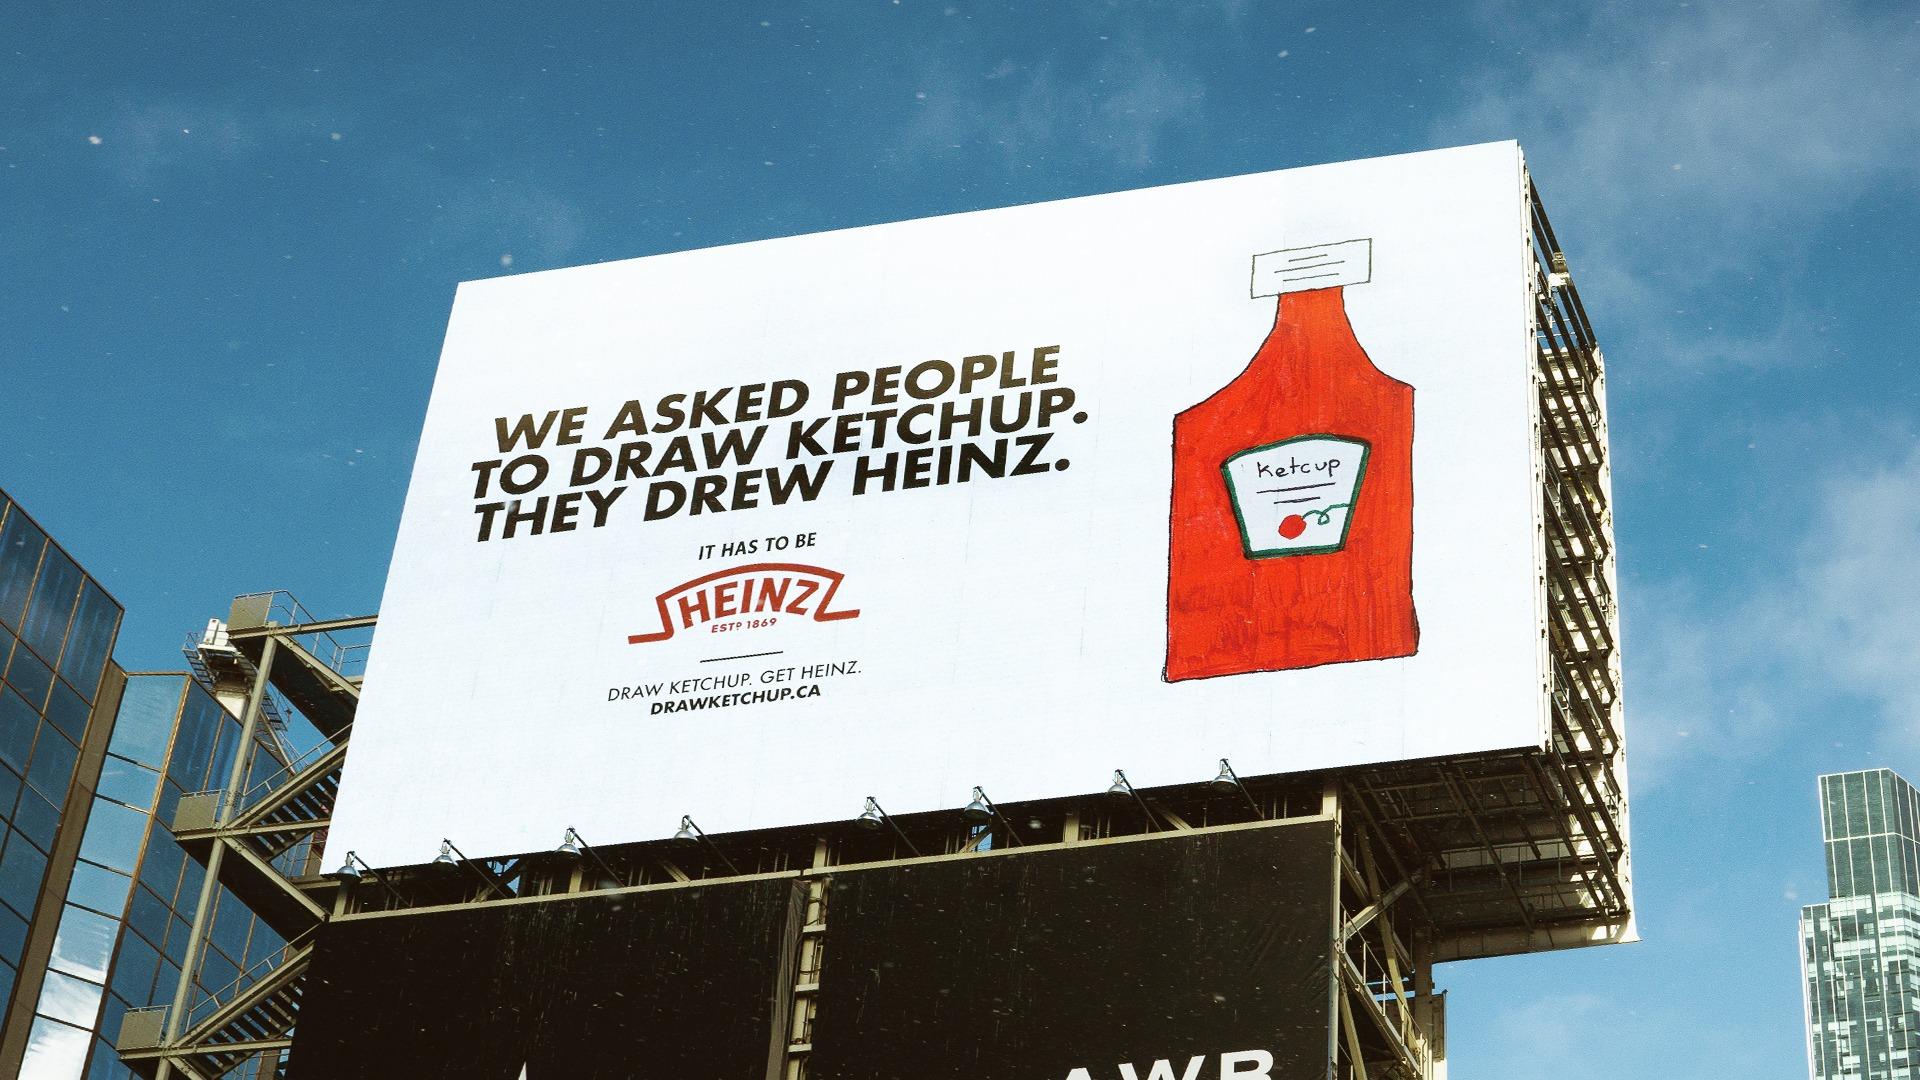 affiche publicitaire de Heinz